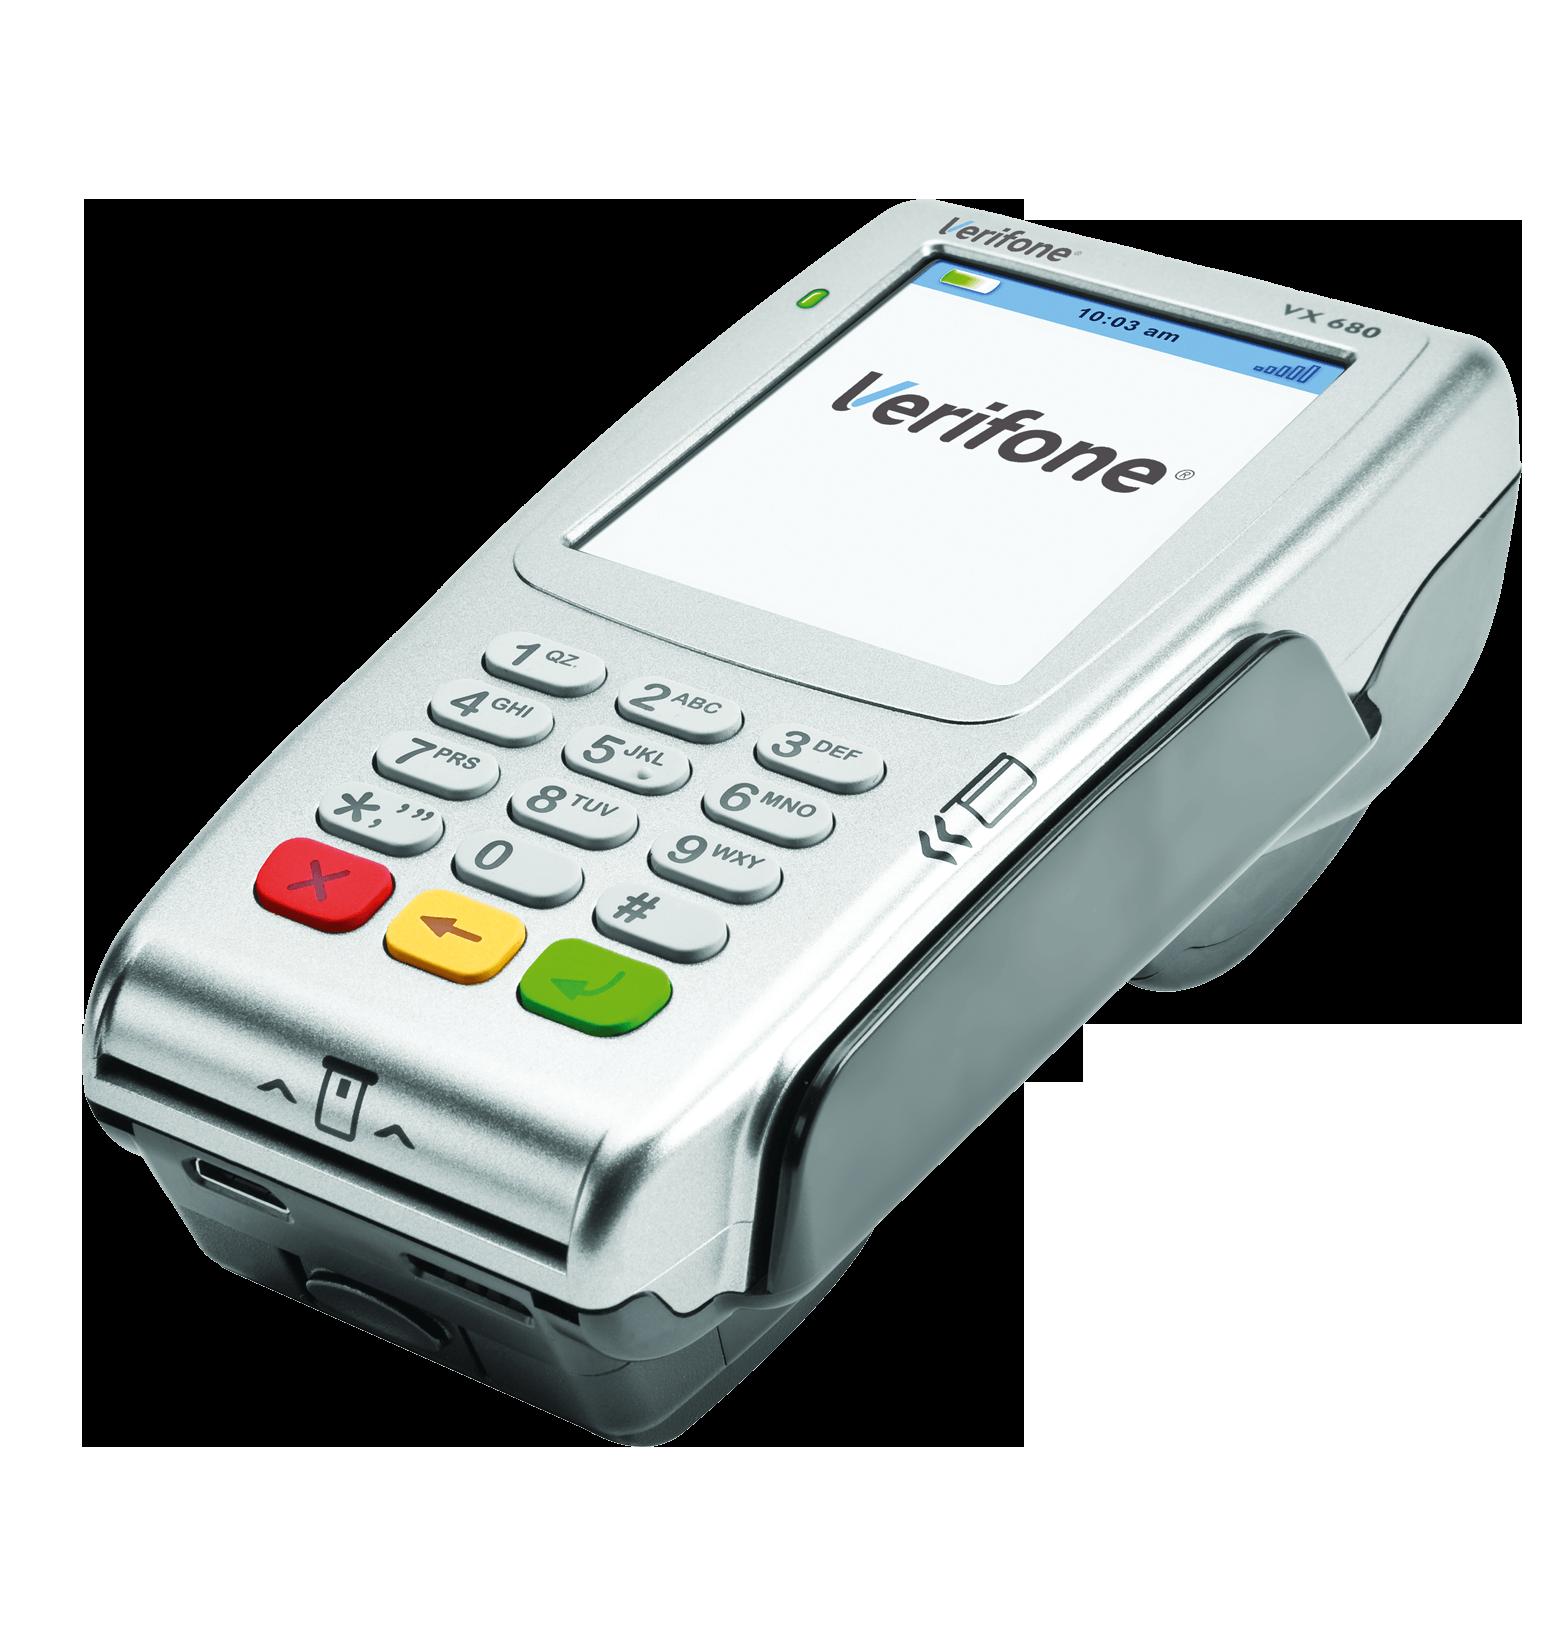 Maksupääte pöydälle tai mukaan. Verifone VX520 on täydellinen ratkaisu maksutapahtumien vastaanottamiseen! Maksupäätteessä on sekä LAN -että GPRS -yhteys. Maksupäätteen sisäänrakennettu NFC-lukija vastaanottaa etäluettavat maksukortit (lähimaksu-ominaisuus).